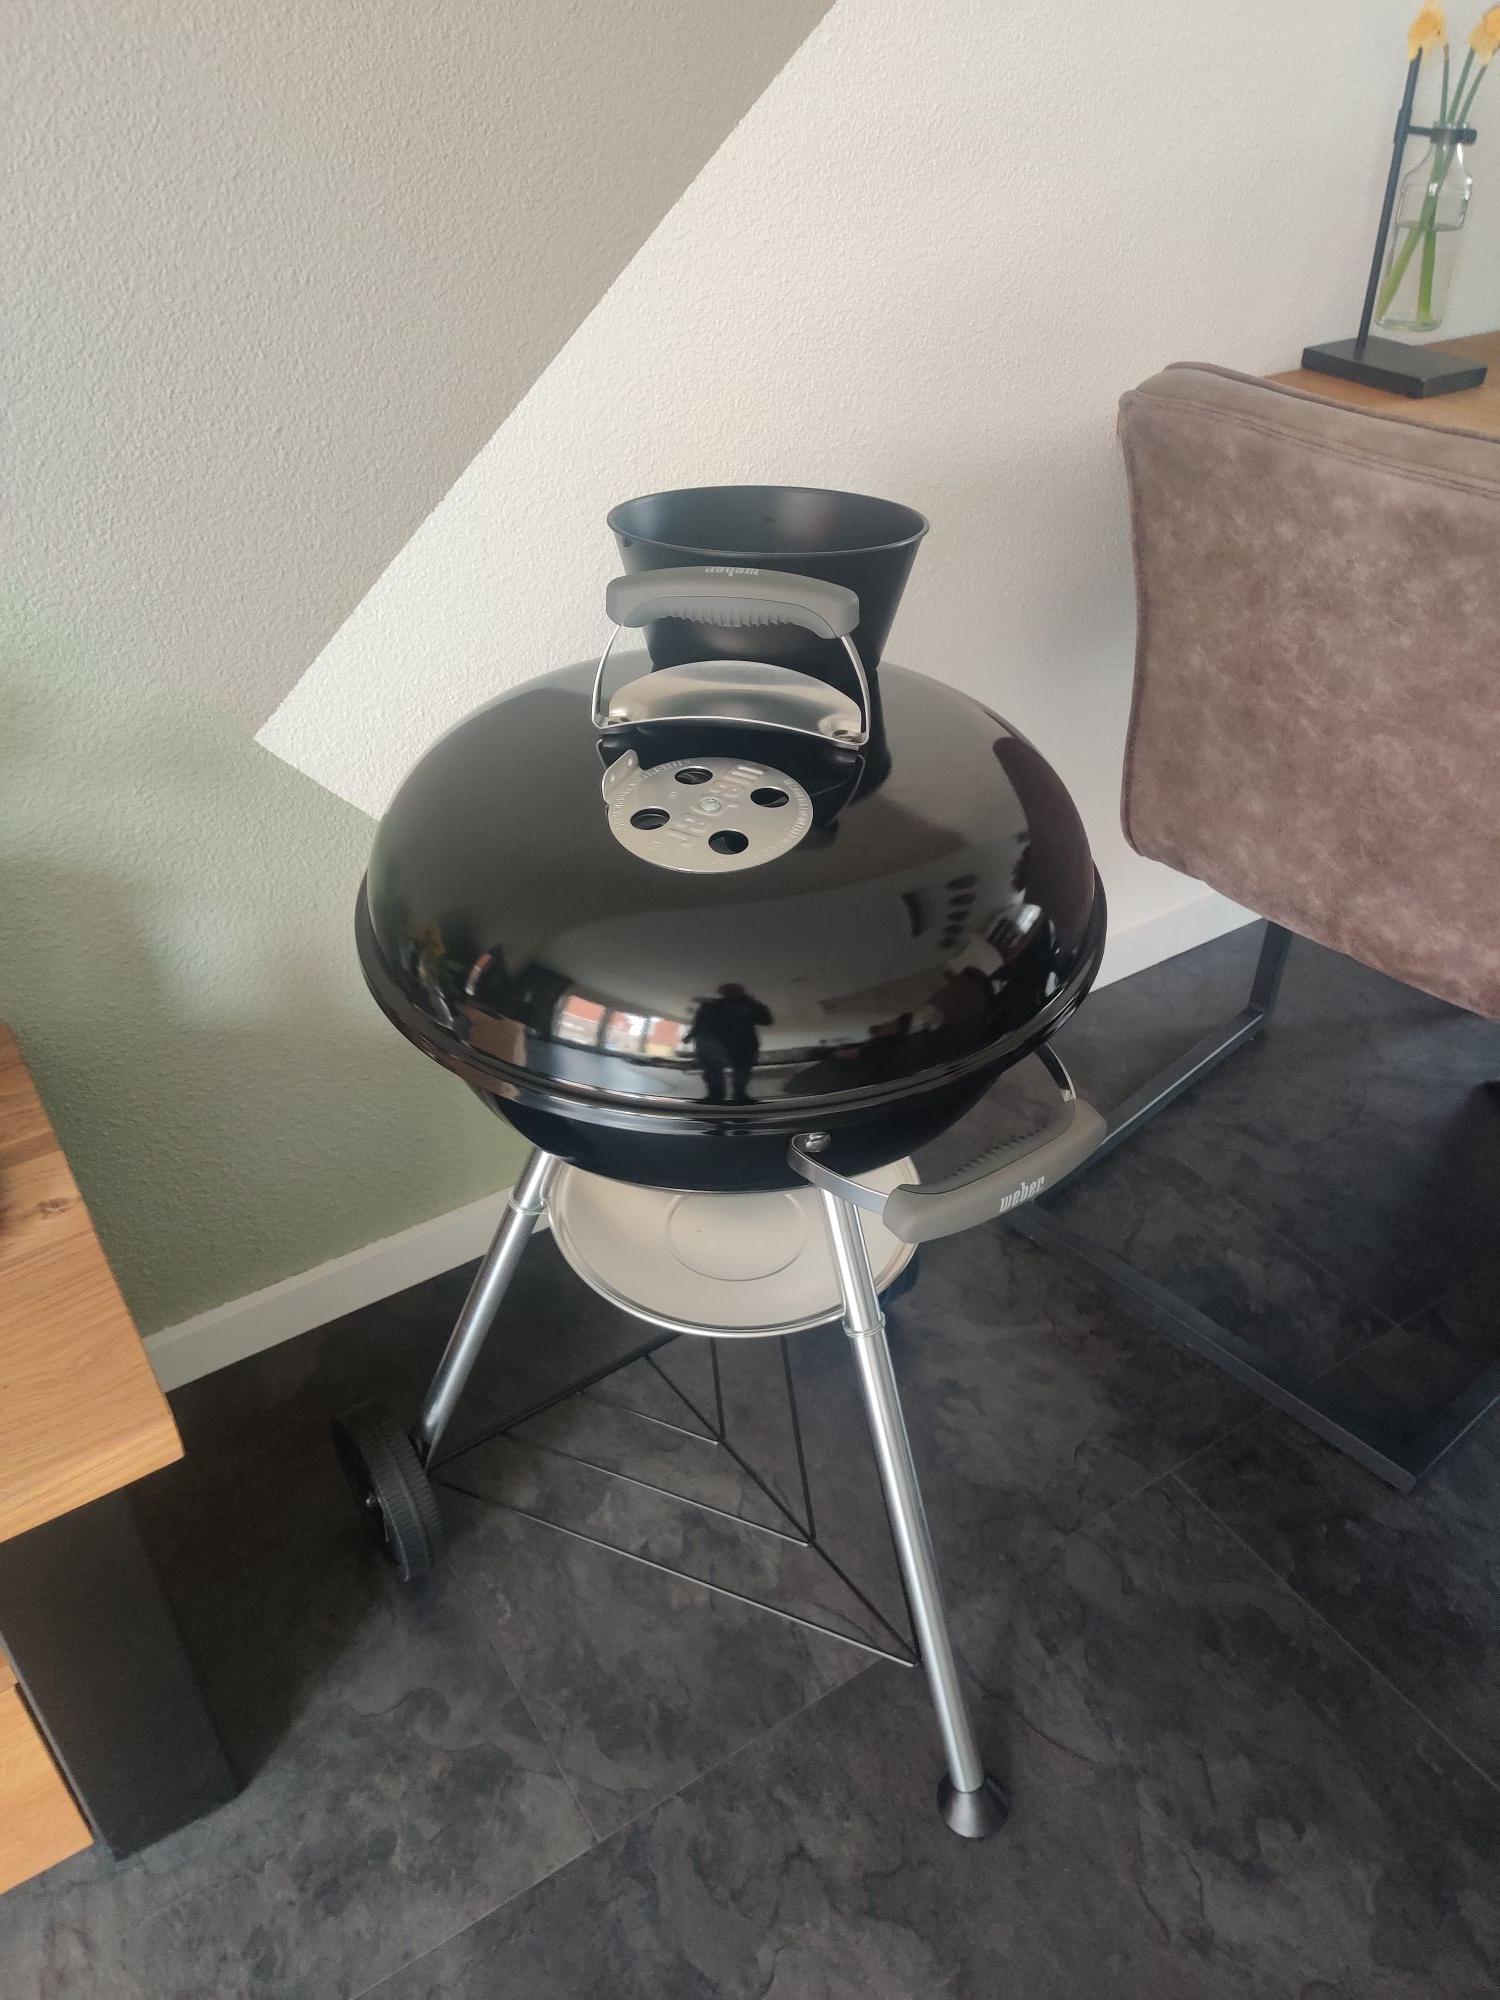 LOKAAL PAPENDRECHT weber compact kettle 47cm bij de albert heijn